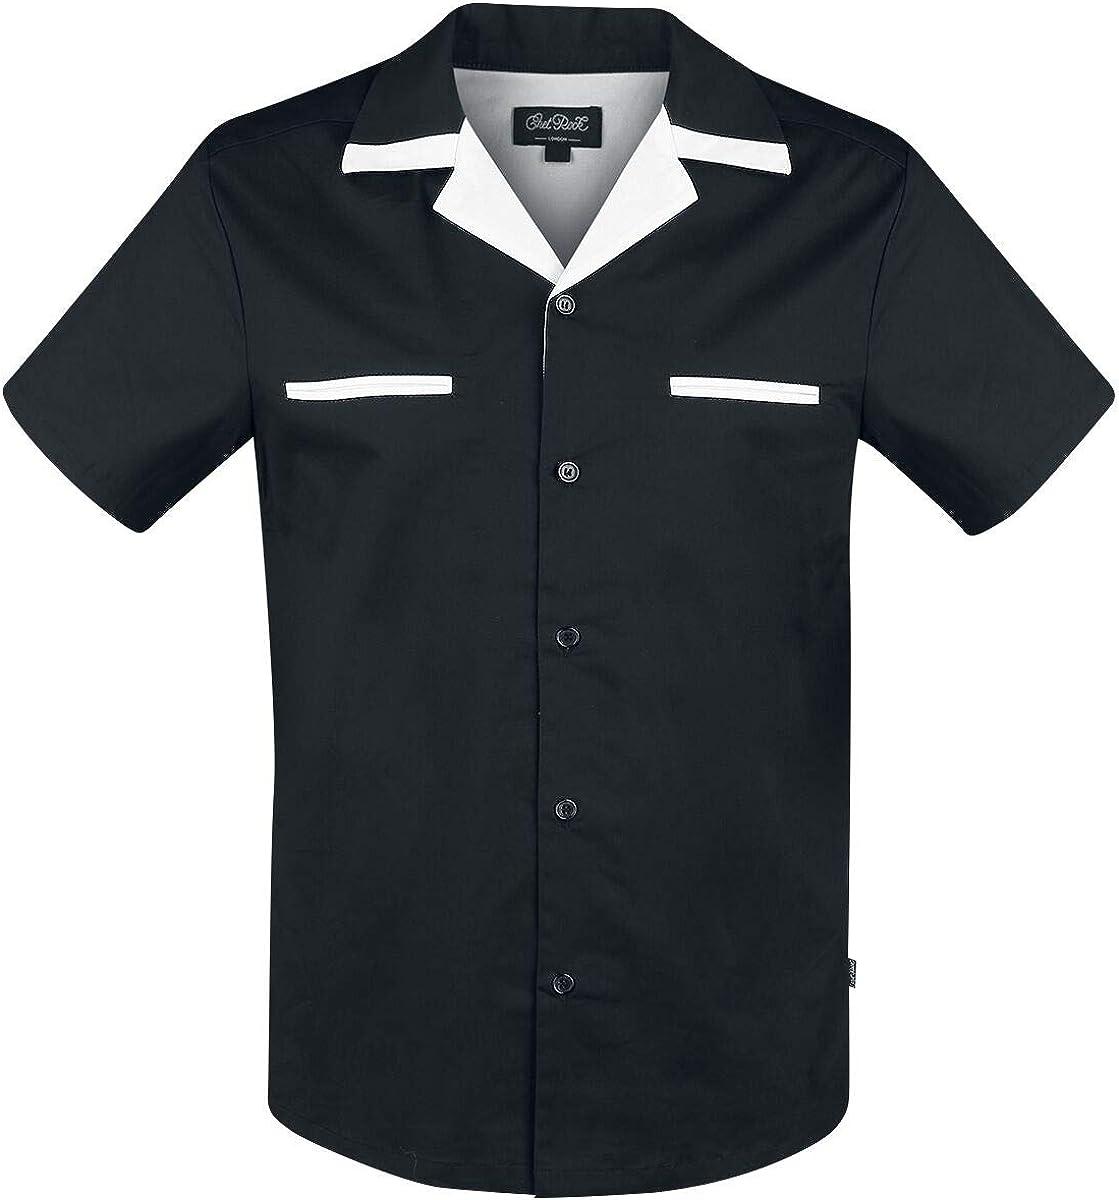 Chet Rock Donnie Bowling Hombre Camisa Manga Corta Negro S, 97% algodón, 3% elastán, Ancho: Amazon.es: Ropa y accesorios